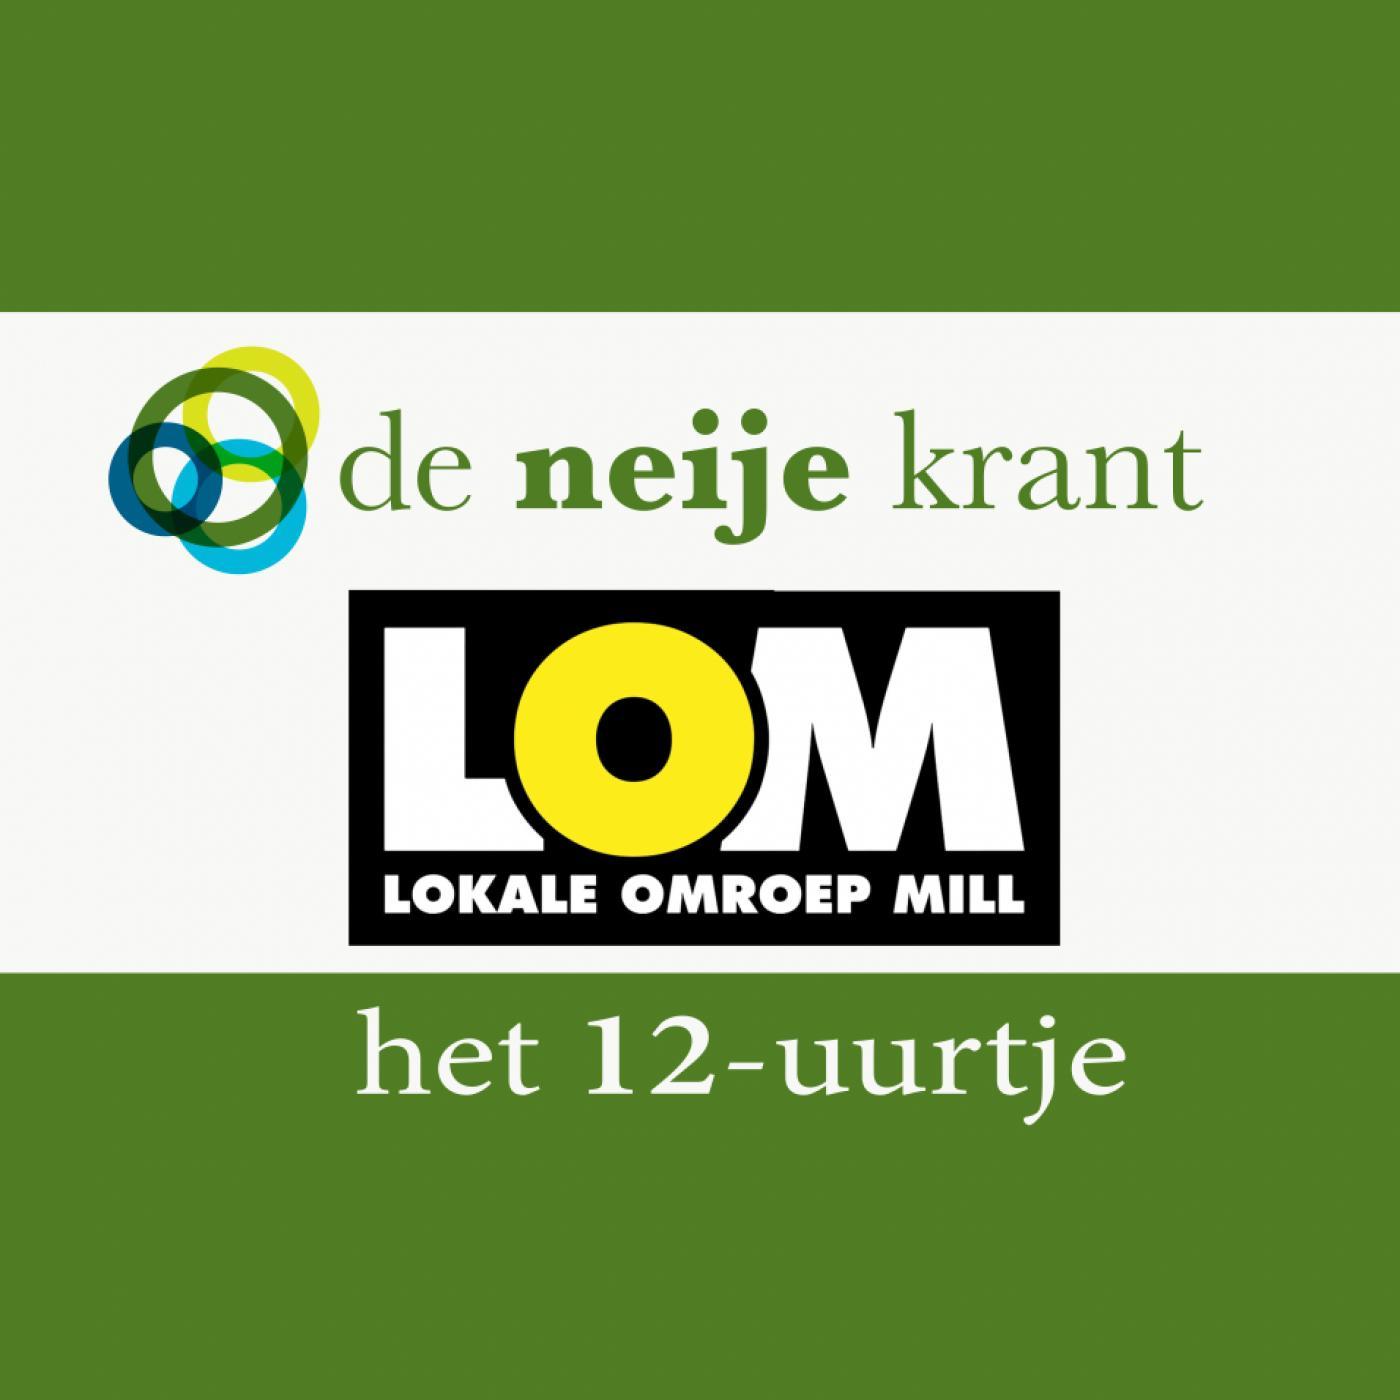 Cover Image Het 12uurtje